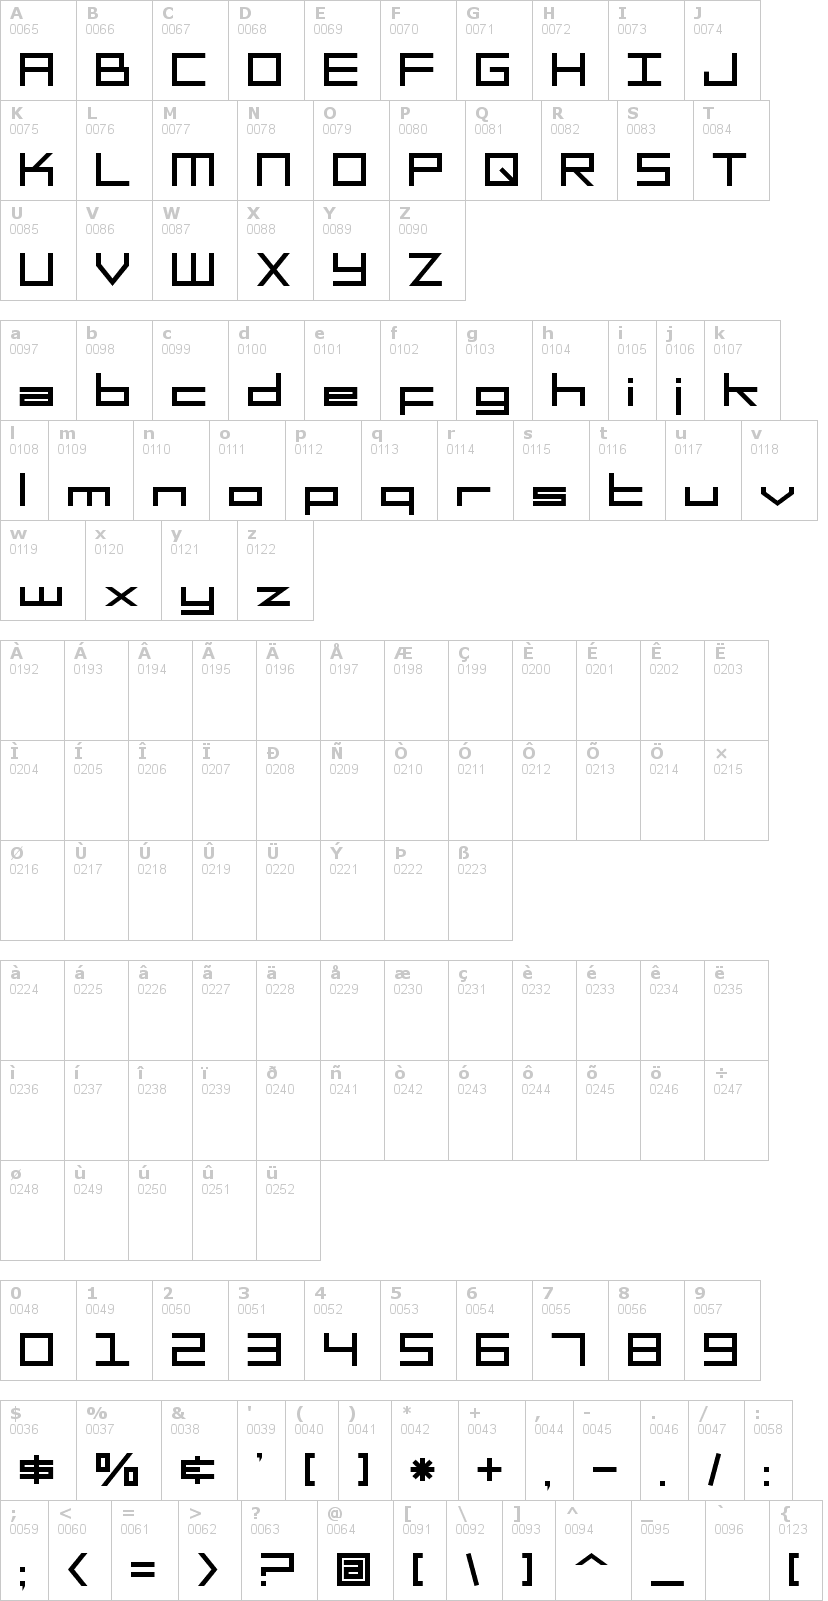 Lettere dell'alfabeto del font sf-square-head con le quali è possibile realizzare adesivi prespaziati